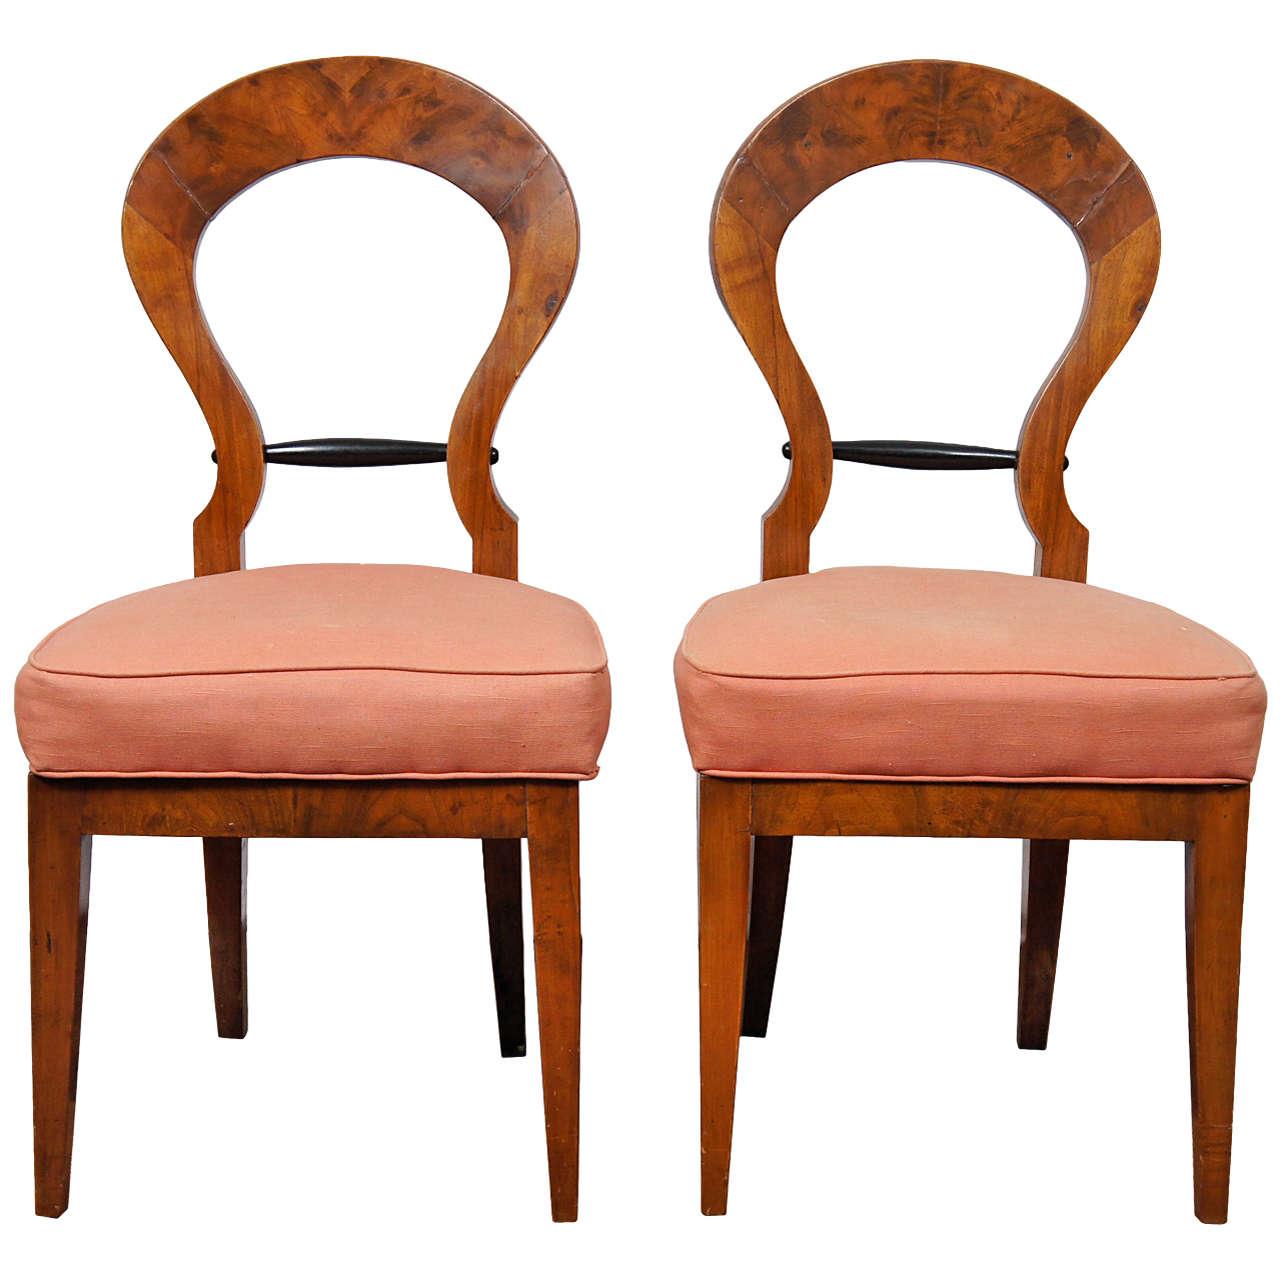 Pair Of Italian Biedermeier Style Side Chairs At 1stdibs